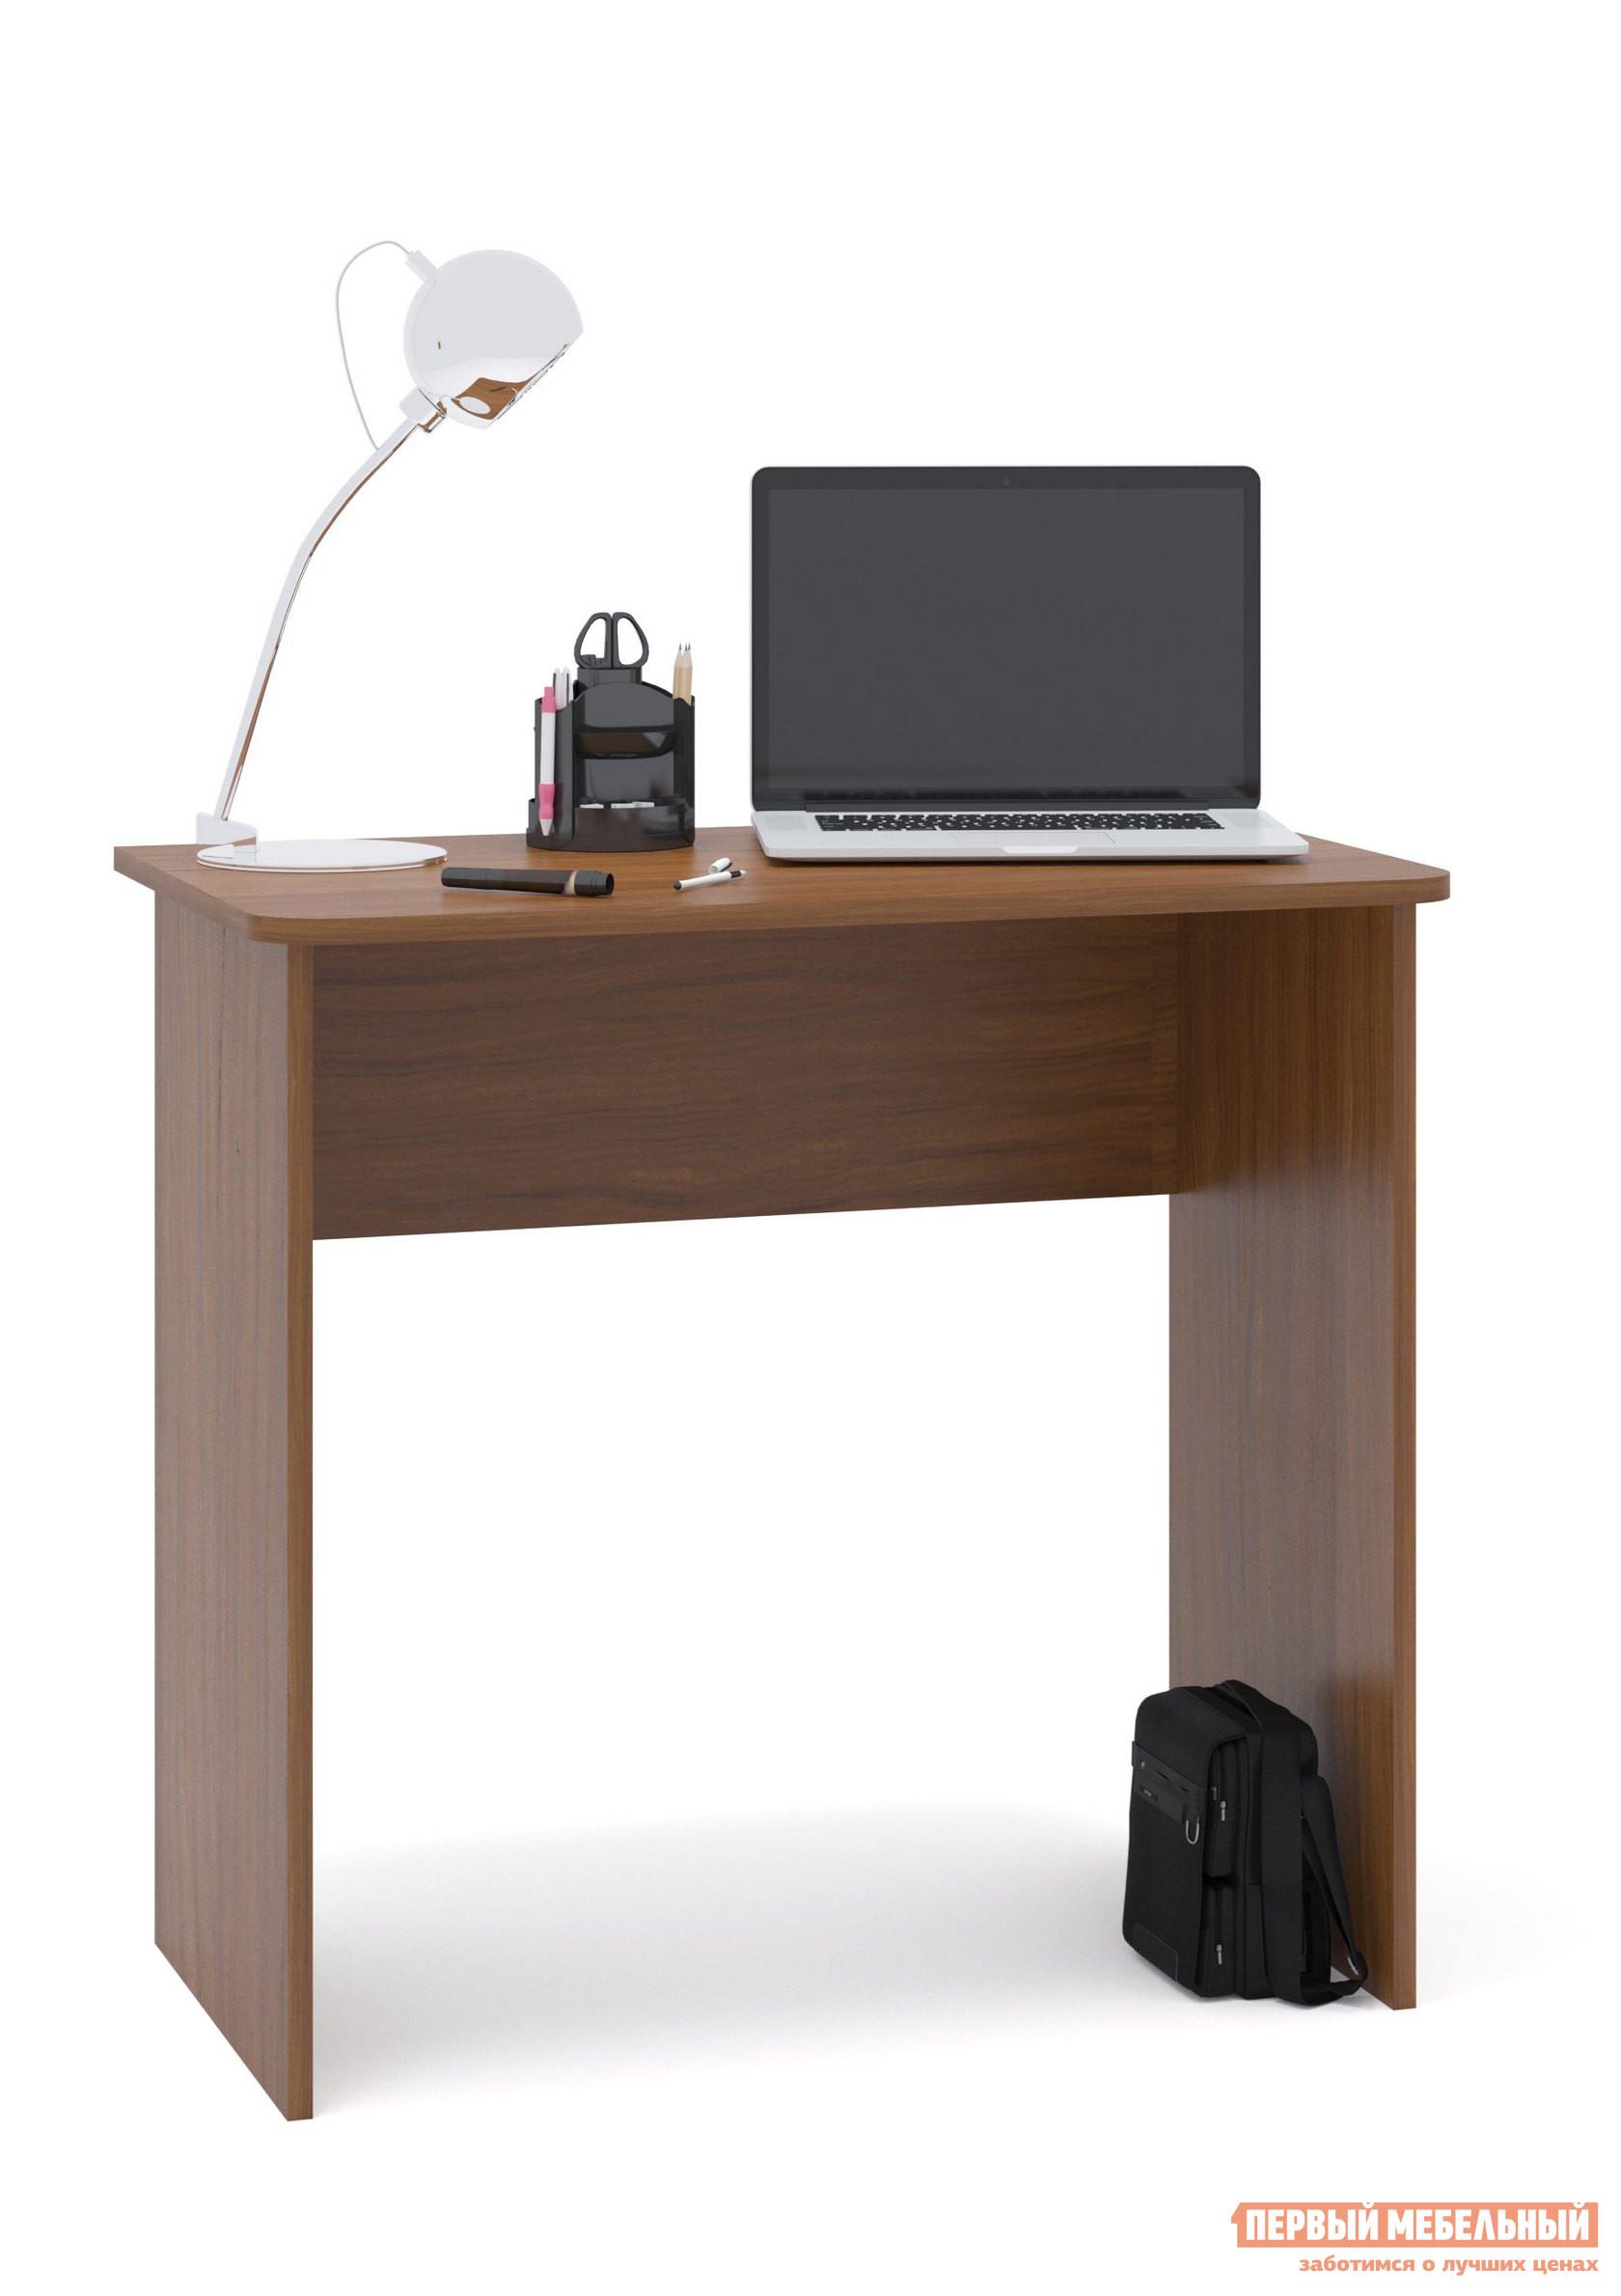 Письменный стол Сокол СПМ-08 Ноче-эккоПисьменные столы<br>Габаритные размеры ВхШхГ 740x800x446 мм. Небольшой письменный стол для работы или учебы.  Стол можно использовать как письменный или компьютерный.  Простая конструкция стола впишется в любой интерьер и не будет его загромождать лишними деталями. Столешница изготовлена из ЛДСП отечественного производства толщиной 16 мм, отделана кромкой ПВХ 2 мм.  Рекомендуем сохранить инструкцию по сборке (паспорт изделия) до истечения гарантийного срока.<br><br>Цвет: Ноче-экко<br>Цвет: Коричневое дерево<br>Высота мм: 740<br>Ширина мм: 800<br>Глубина мм: 446<br>Кол-во упаковок: 1<br>Форма поставки: В разобранном виде<br>Срок гарантии: 2 года<br>Тип: Прямые<br>Материал: Деревянные, из ЛДСП<br>Размер: Маленькие, Шириной 80 см<br>Стиль: Современный, Модерн